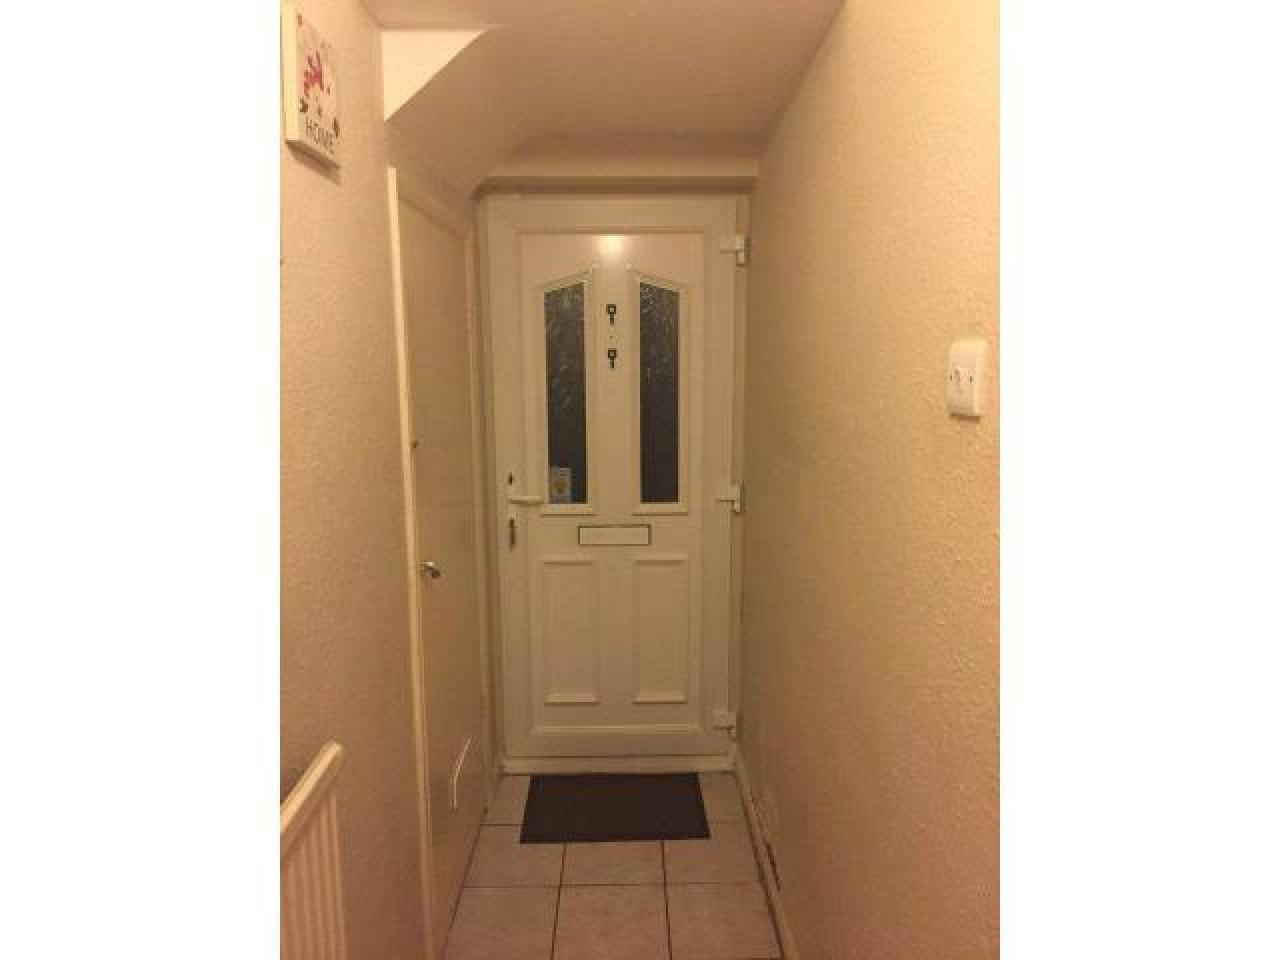 Сдается замечательная двухместная комната в Eltham. ВСЕ СЧЕТА ВКЛЮЧЕНЫ. - 12